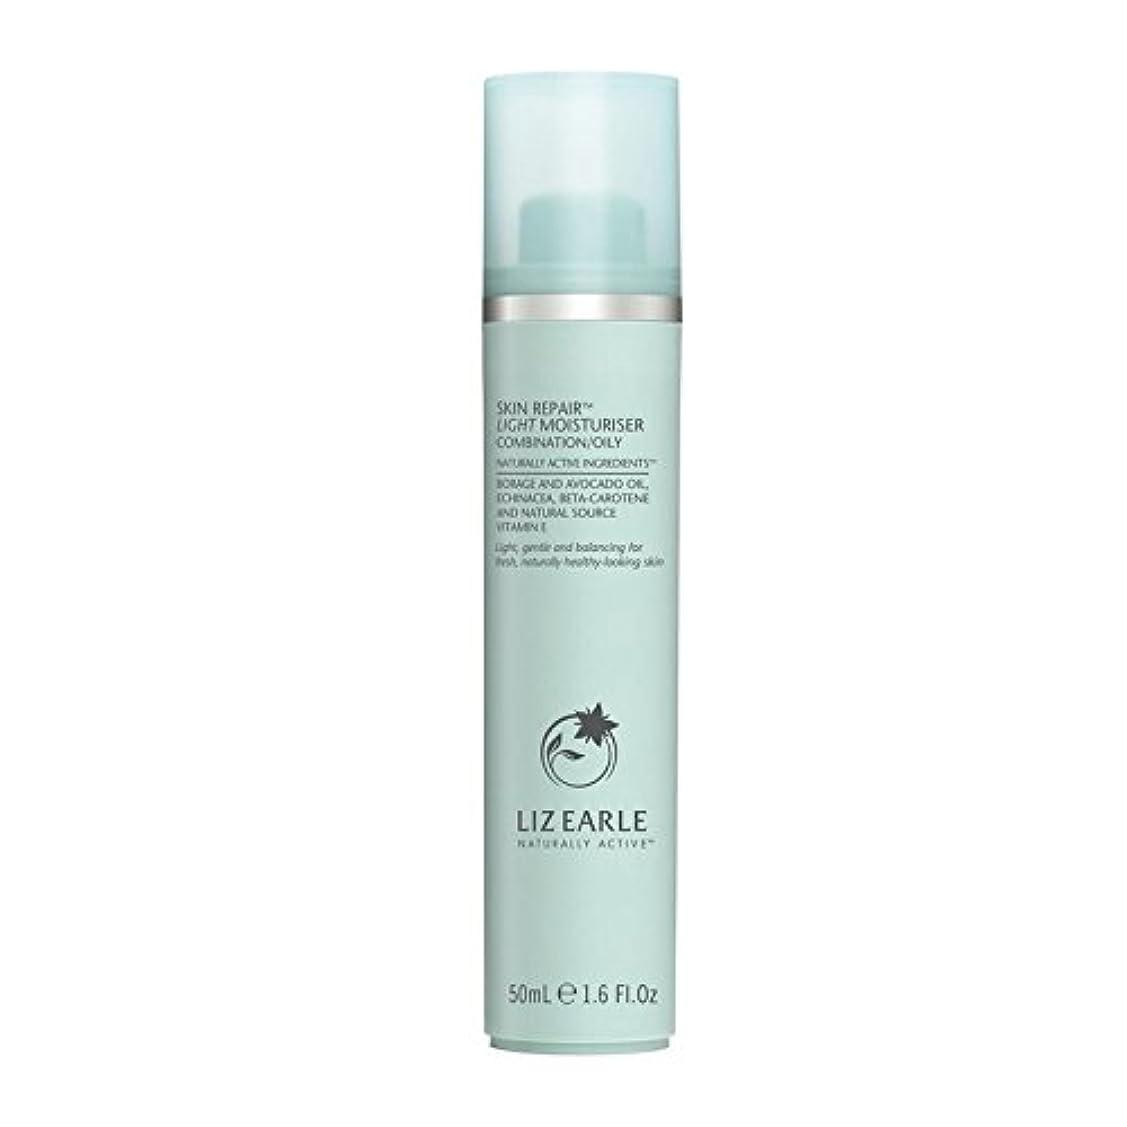 勇者希少性パステルリズアールスキンリペア光の保湿剤の組み合わせ/油性50ミリリットル x2 - Liz Earle Skin Repair Light Moisturiser Combination/Oily 50ml (Pack of...